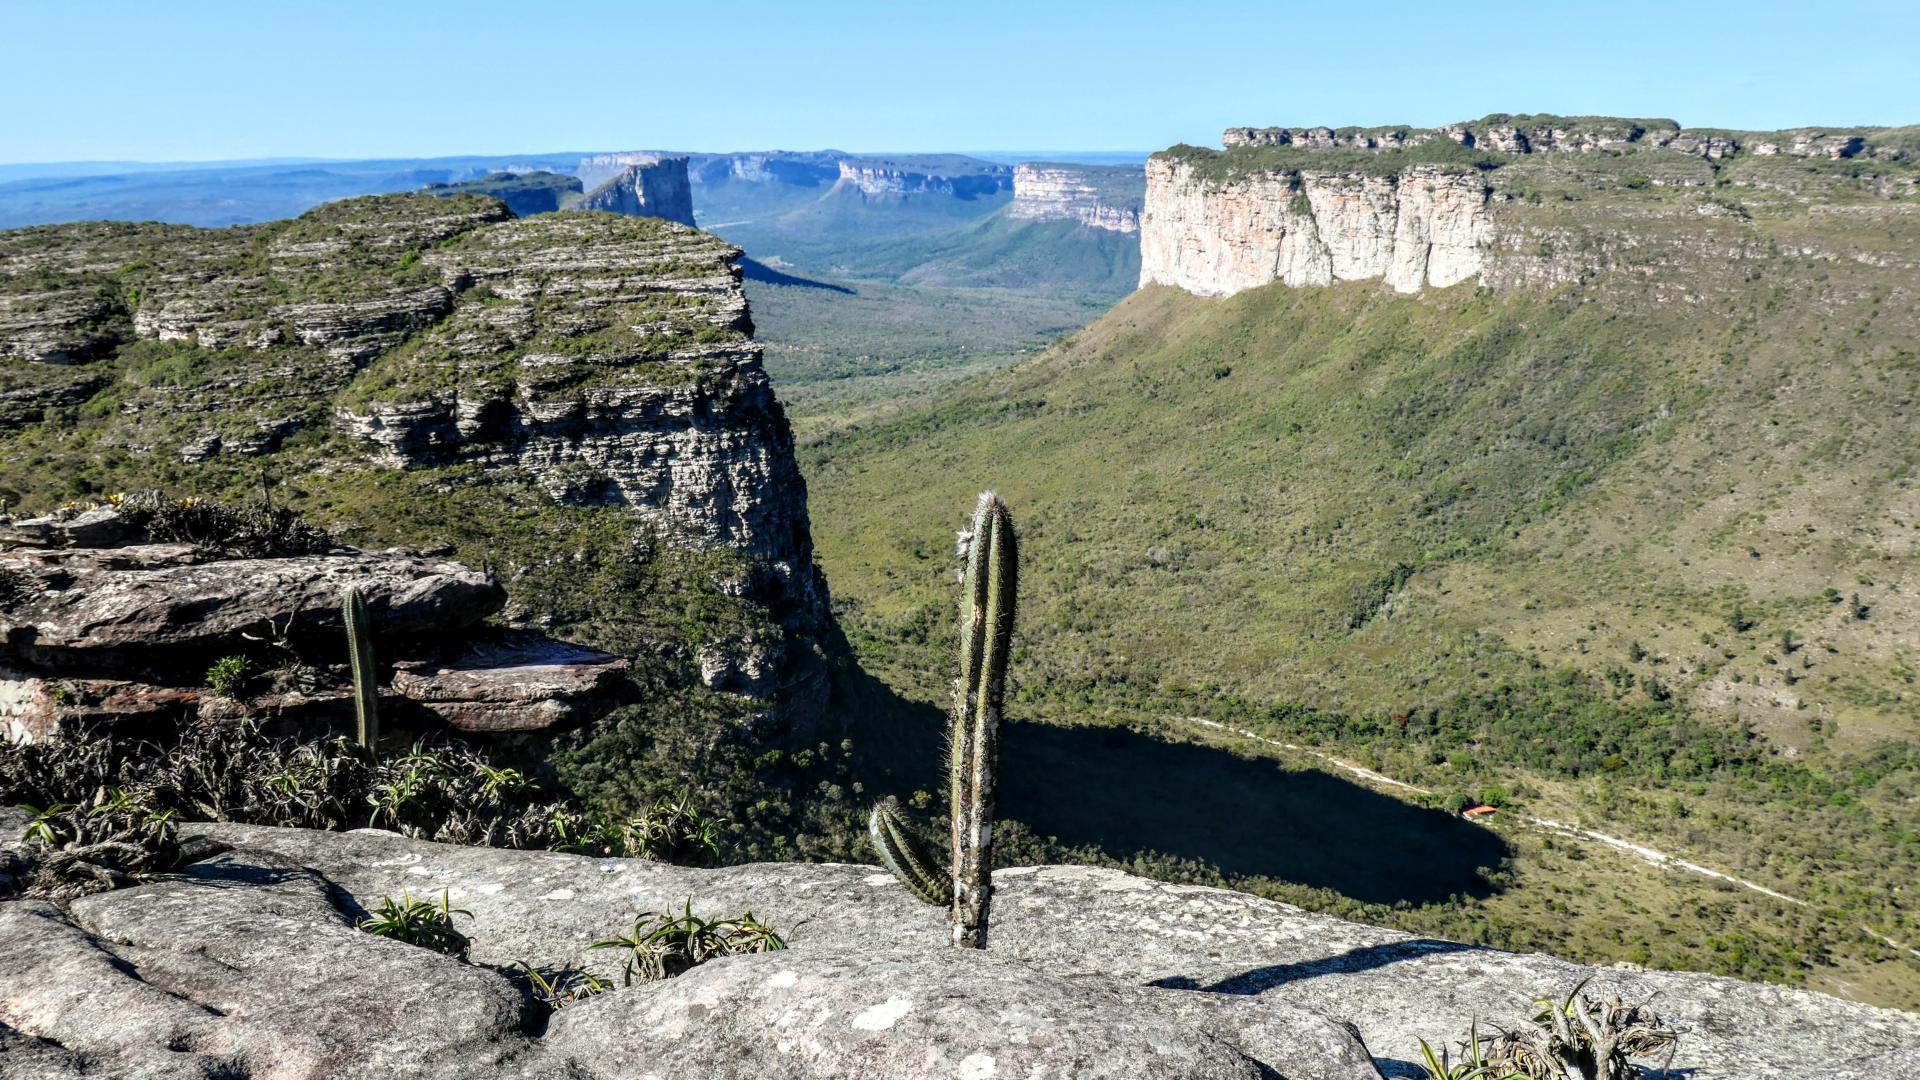 Cacti: Endemic plants in Brazil